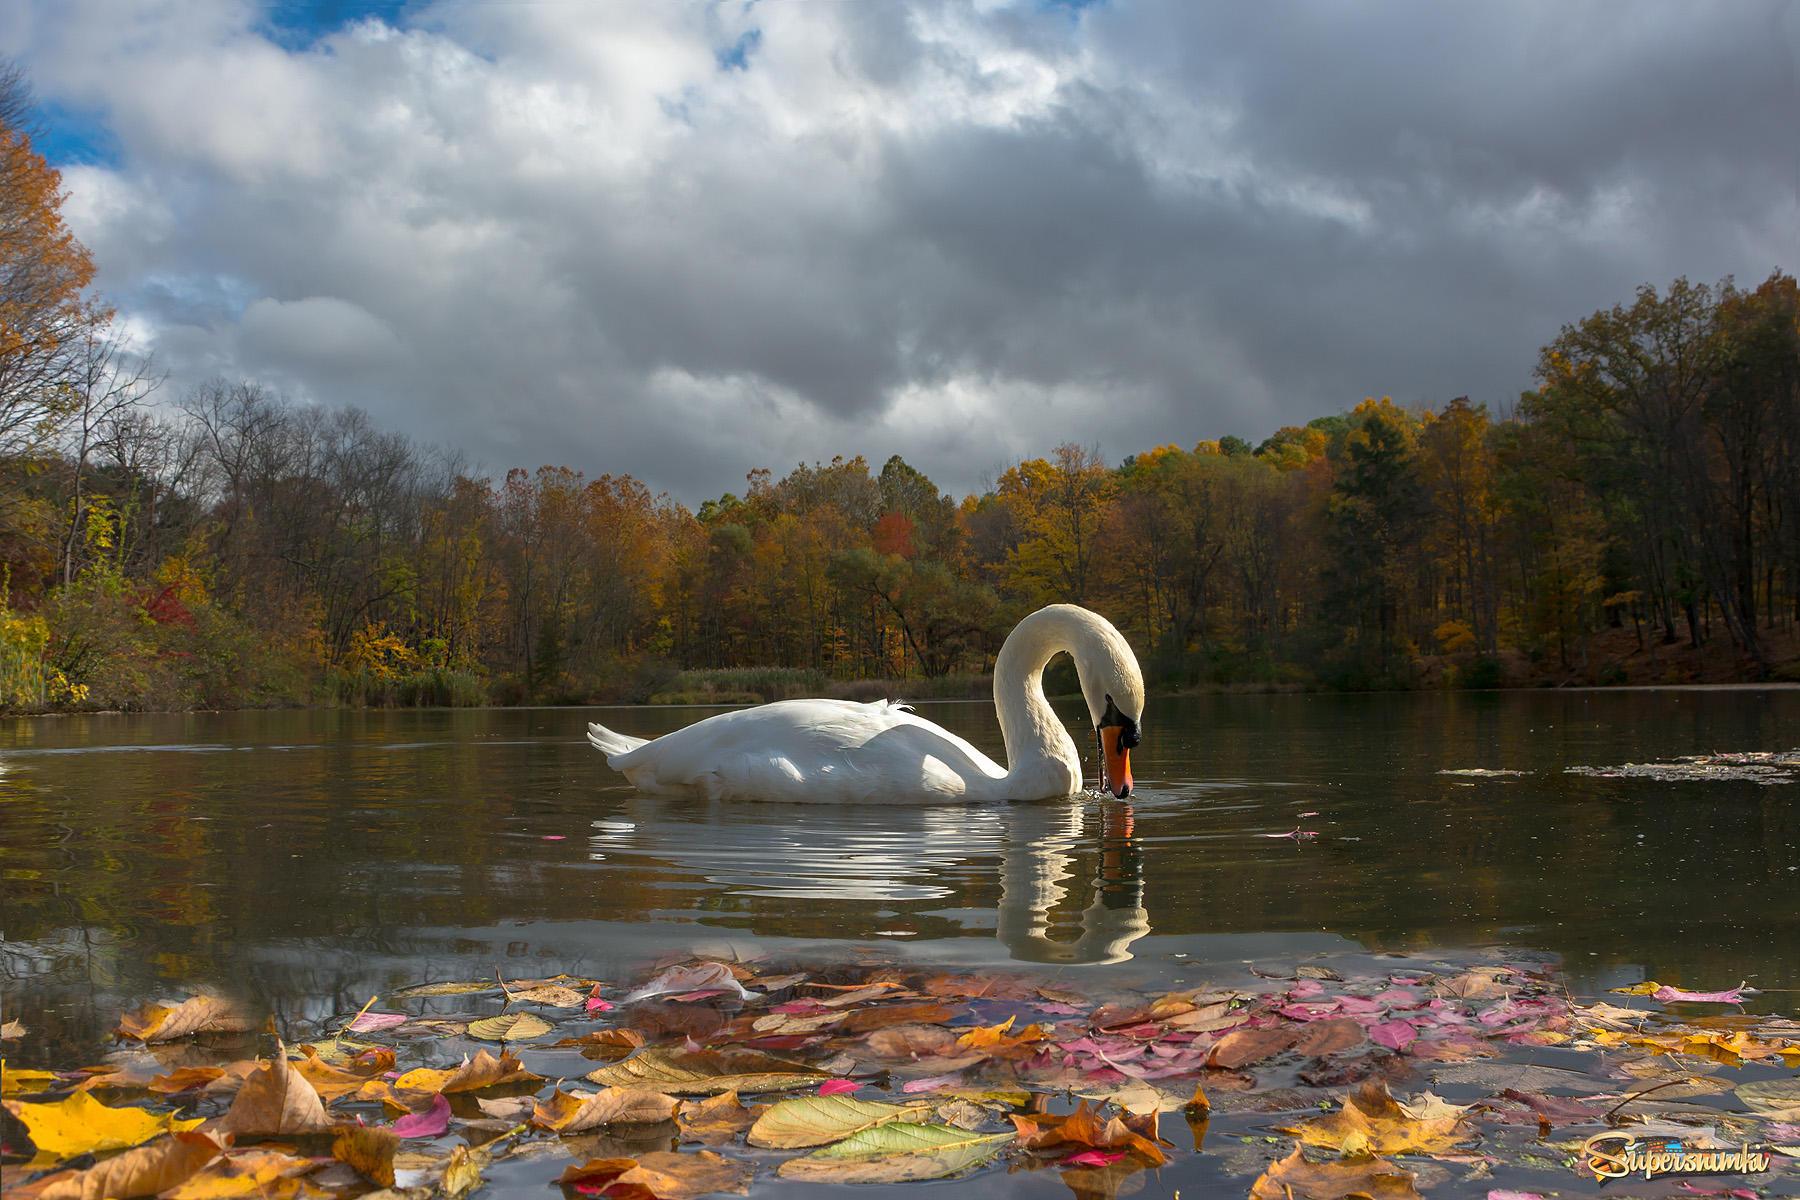 Обои на рабочий стол лебеди на озере осень дачные беседки